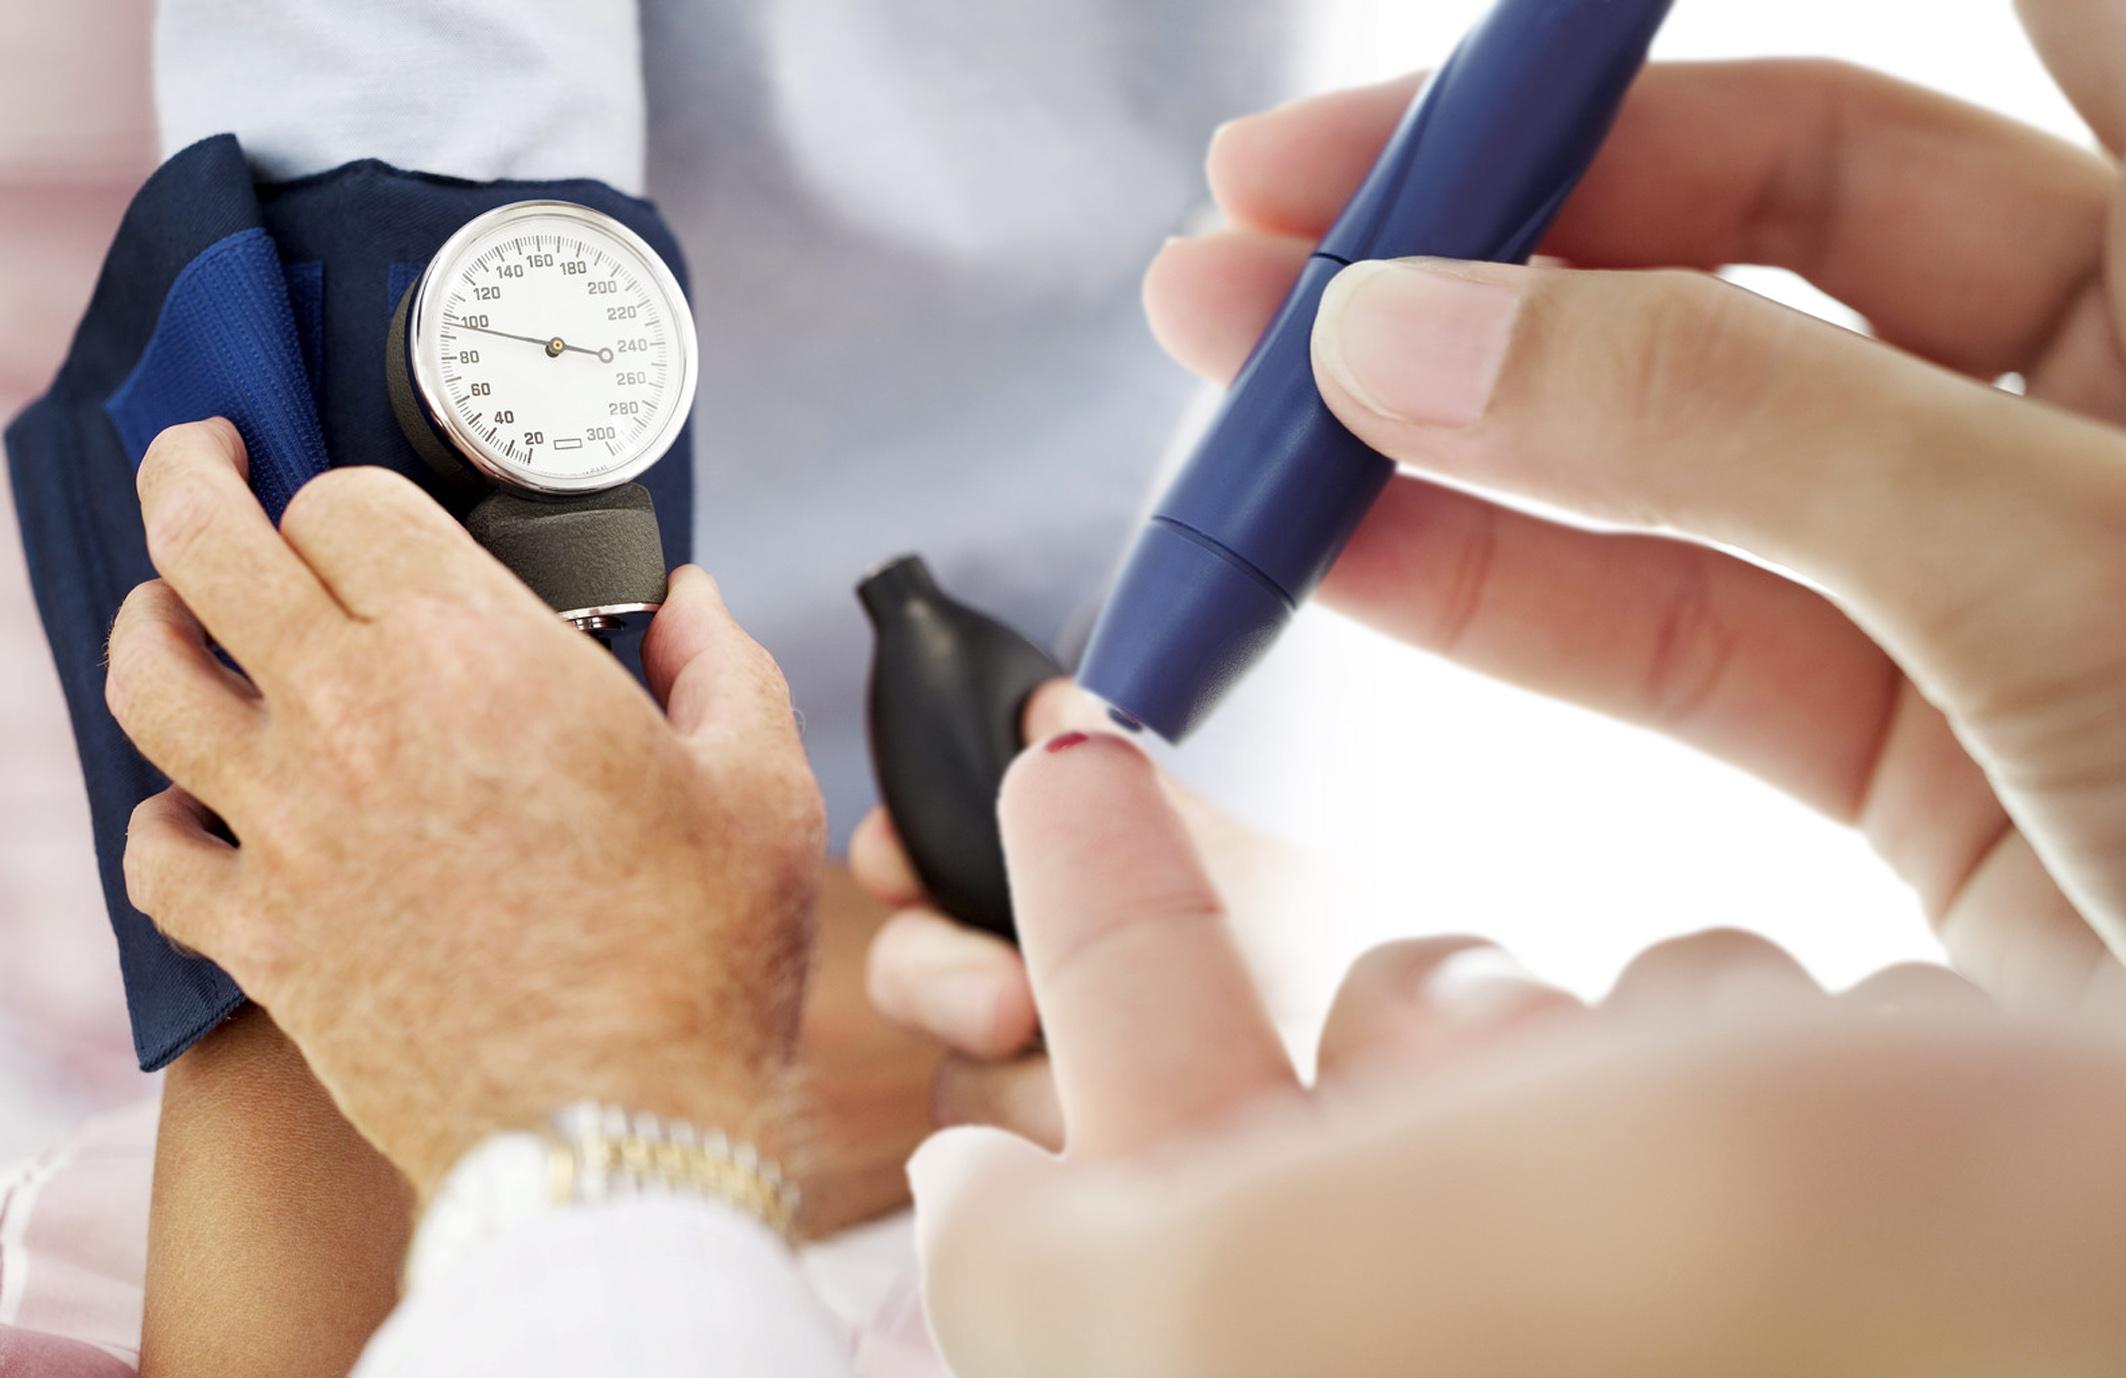 Glukoz (Kan Şekeri) Nasıl Değerlendirilir?